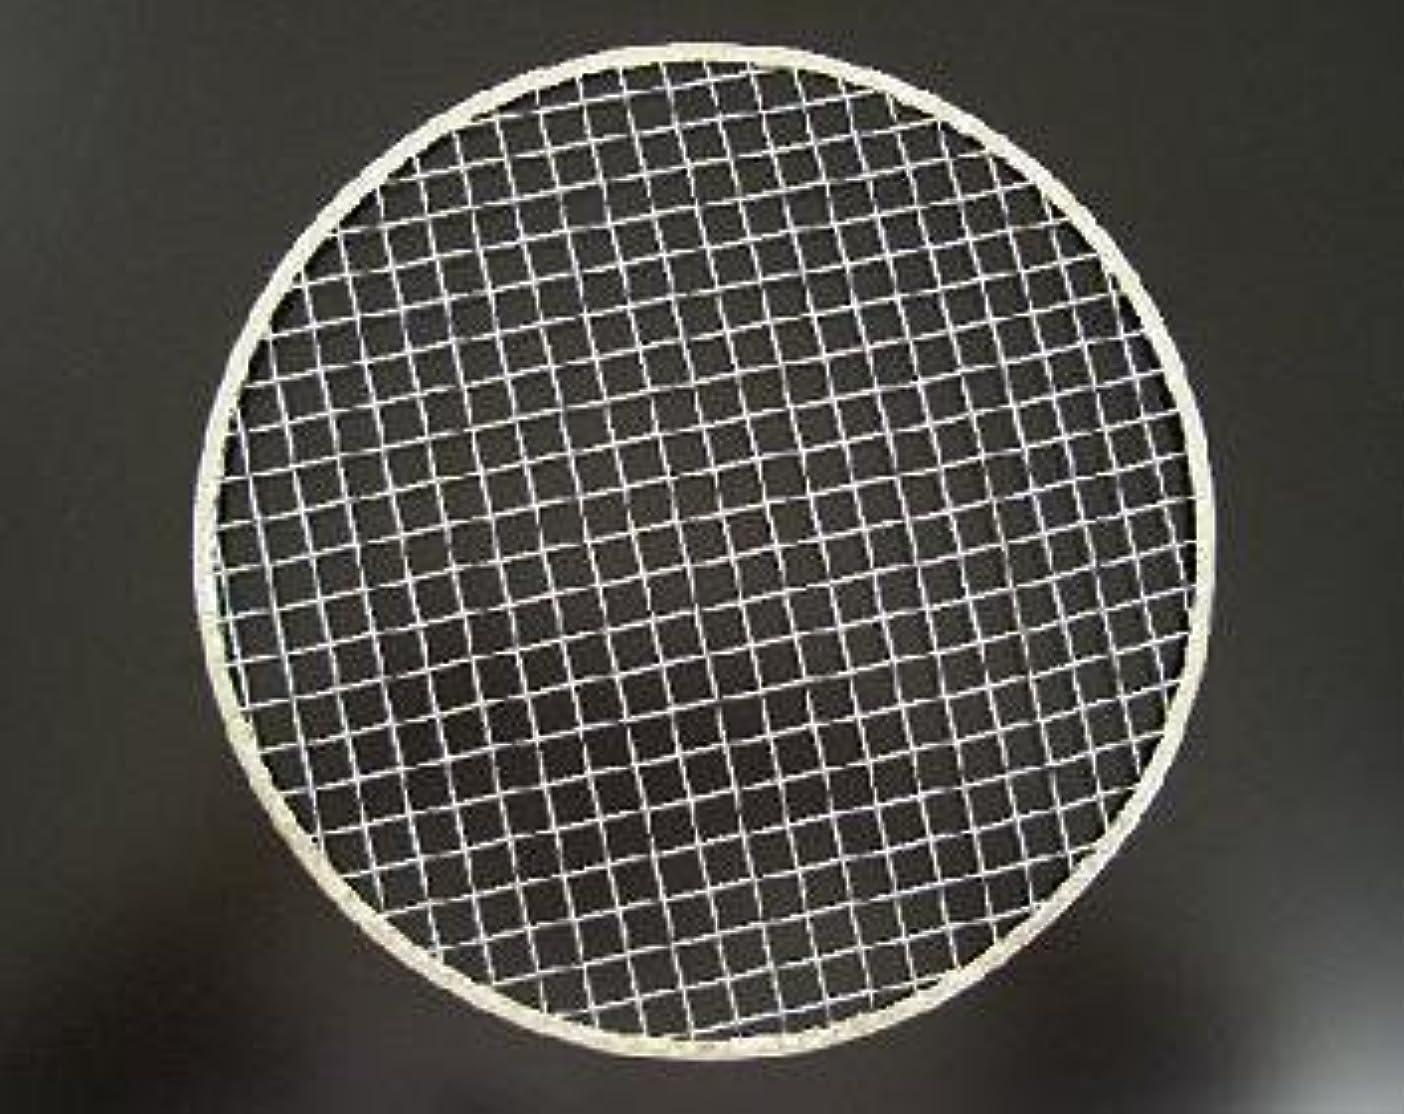 使い捨て焼き網【1箱/20枚入り】 平アミ(φ280mm) (七輪?バーベキュー?焼肉用焼き網)